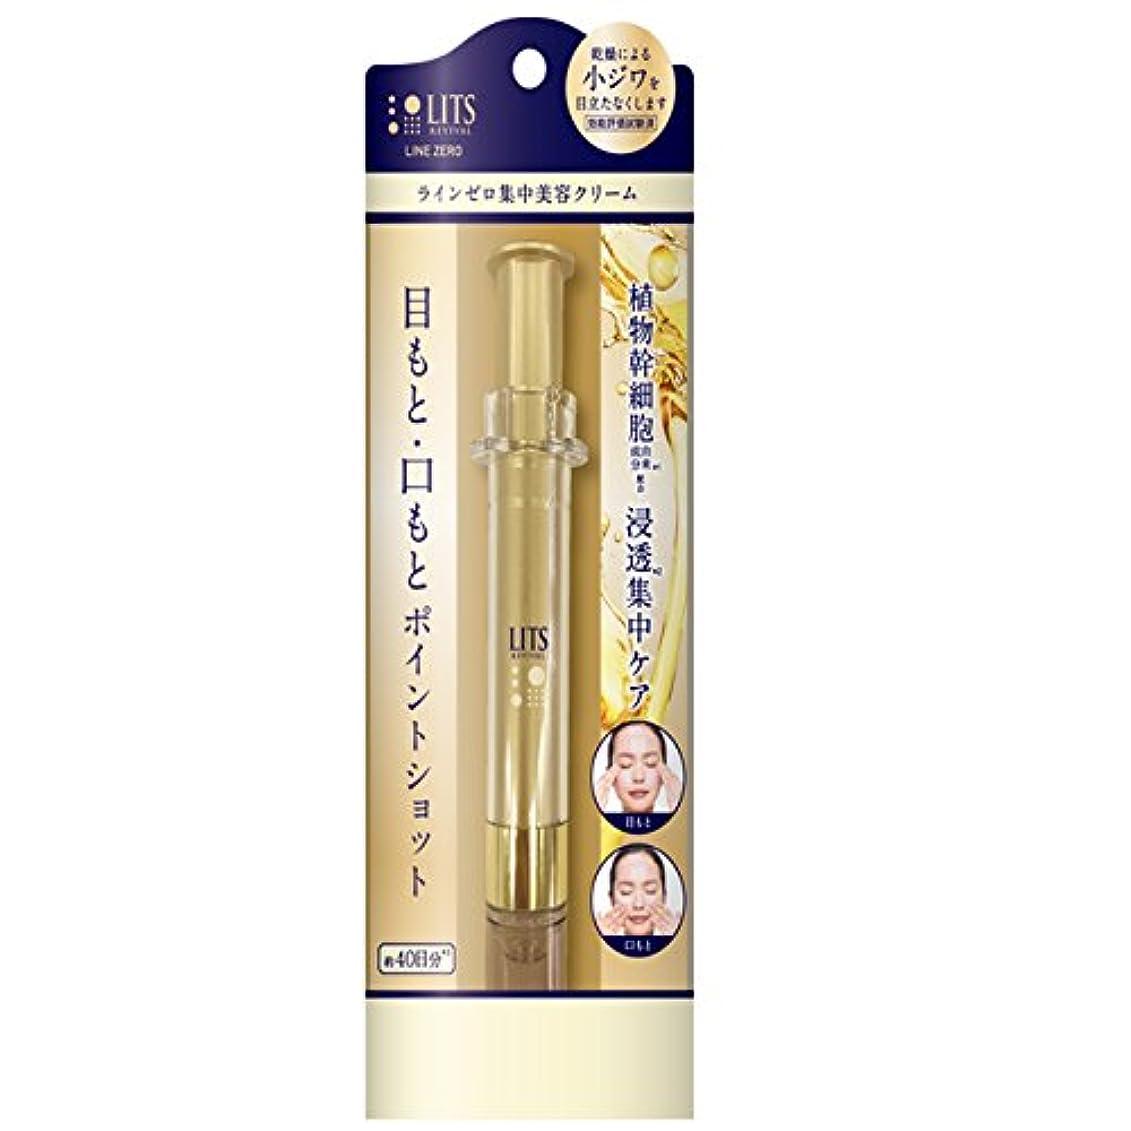 リッツ リバイバル ラインゼロ 集中美容液クリーム 12g【2個セット】